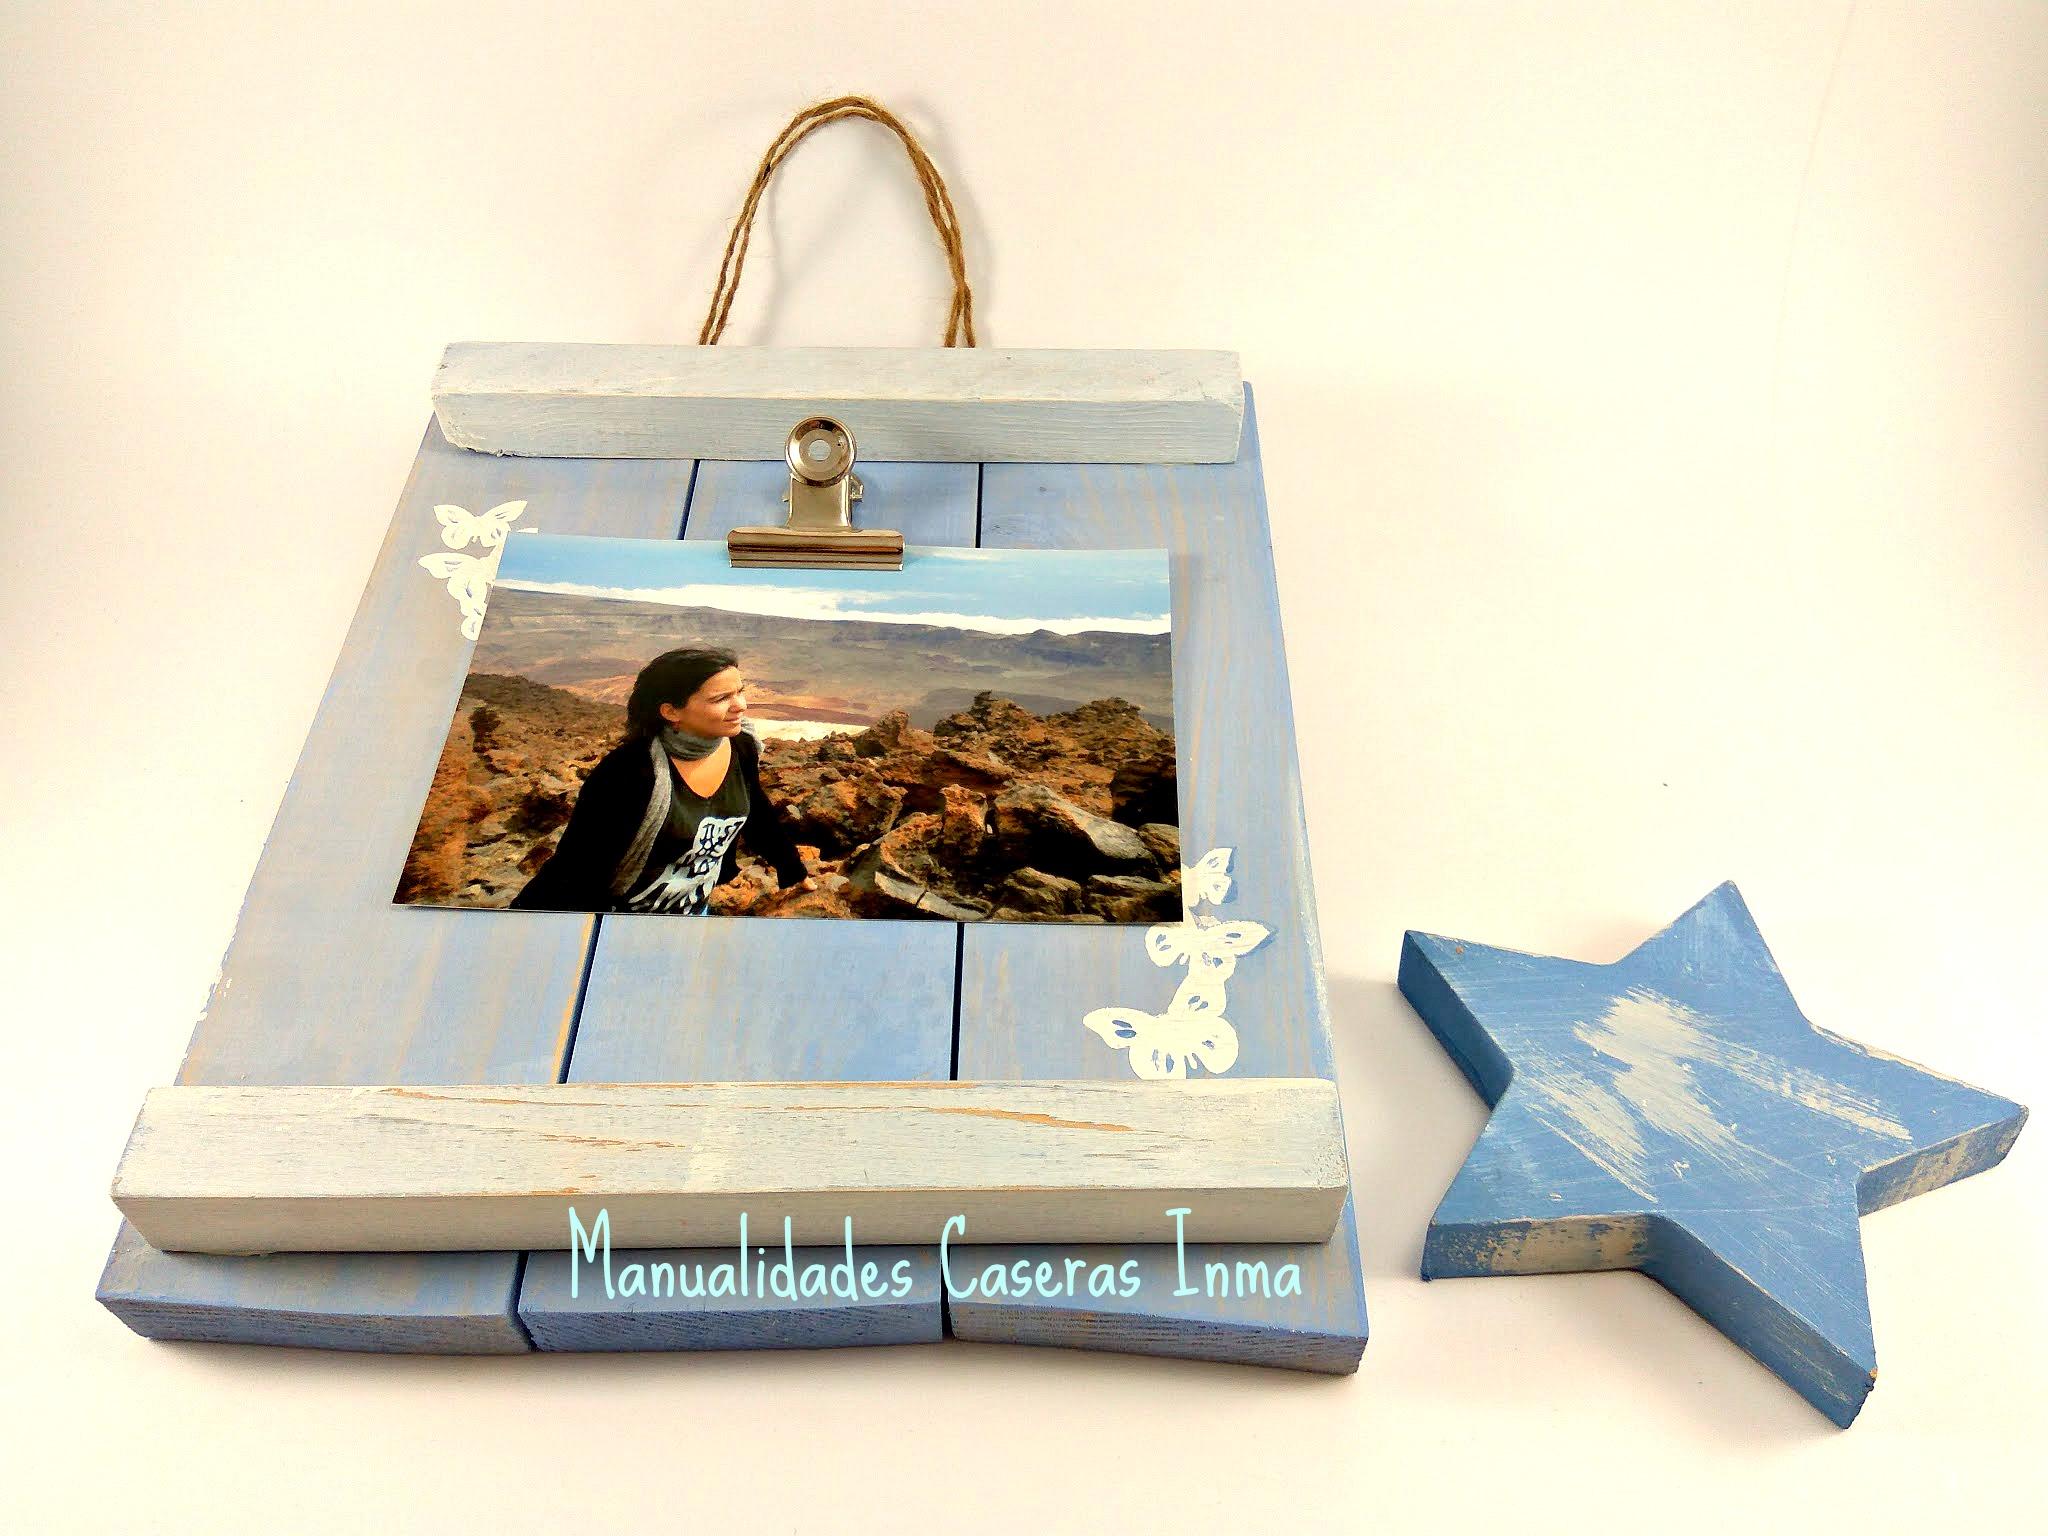 Manualidades Caseras Inma _Portarretratos decorado con mariposas_terminado con foto